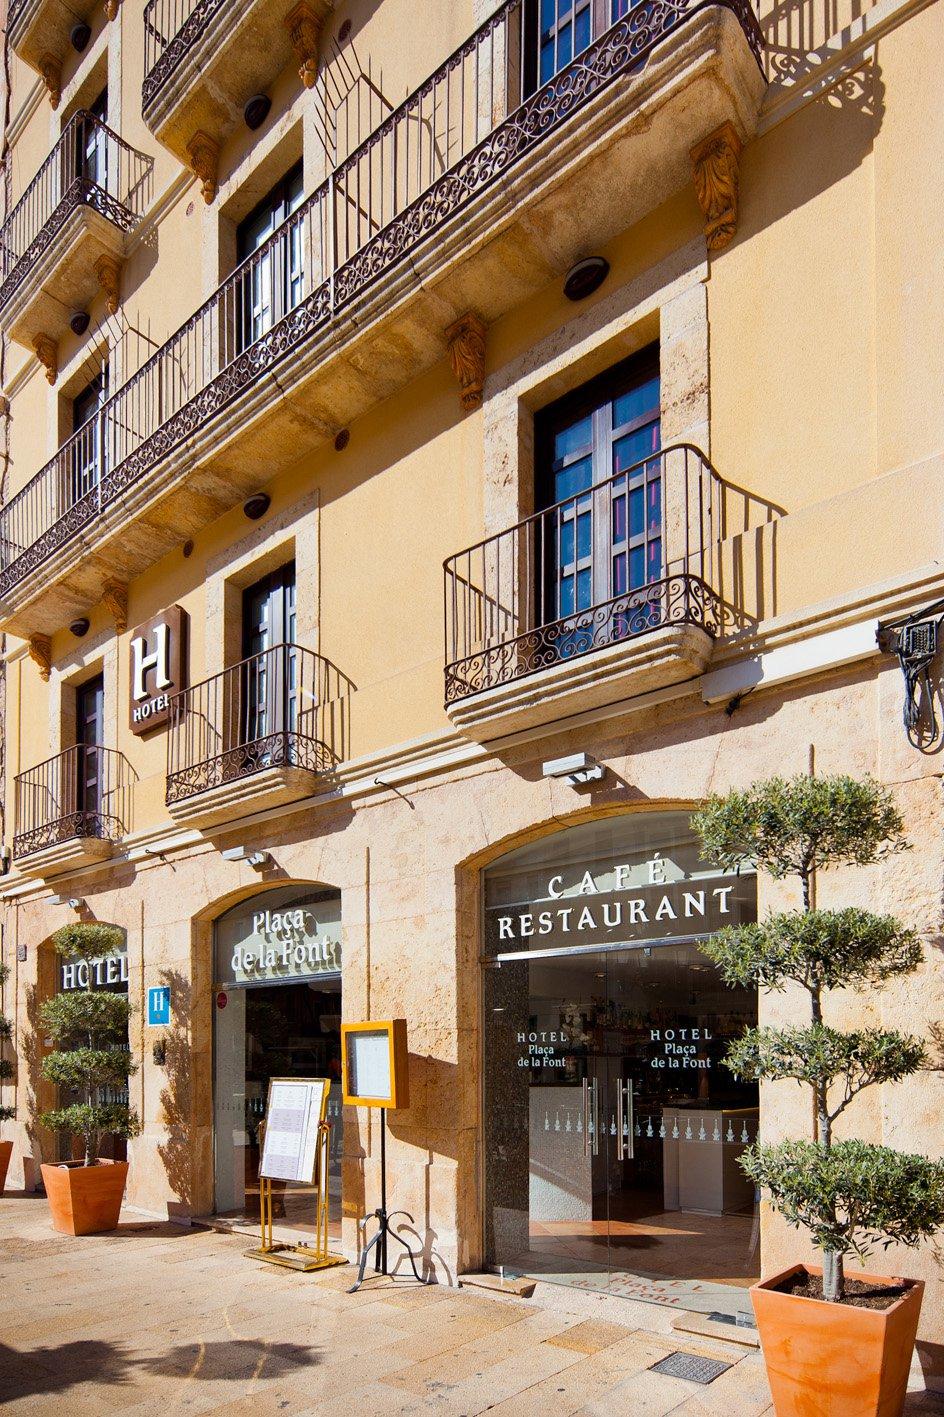 hotel_la_fontnombre_del_documento_14-2b88bd9ff883d6ccc3754d0daf937783